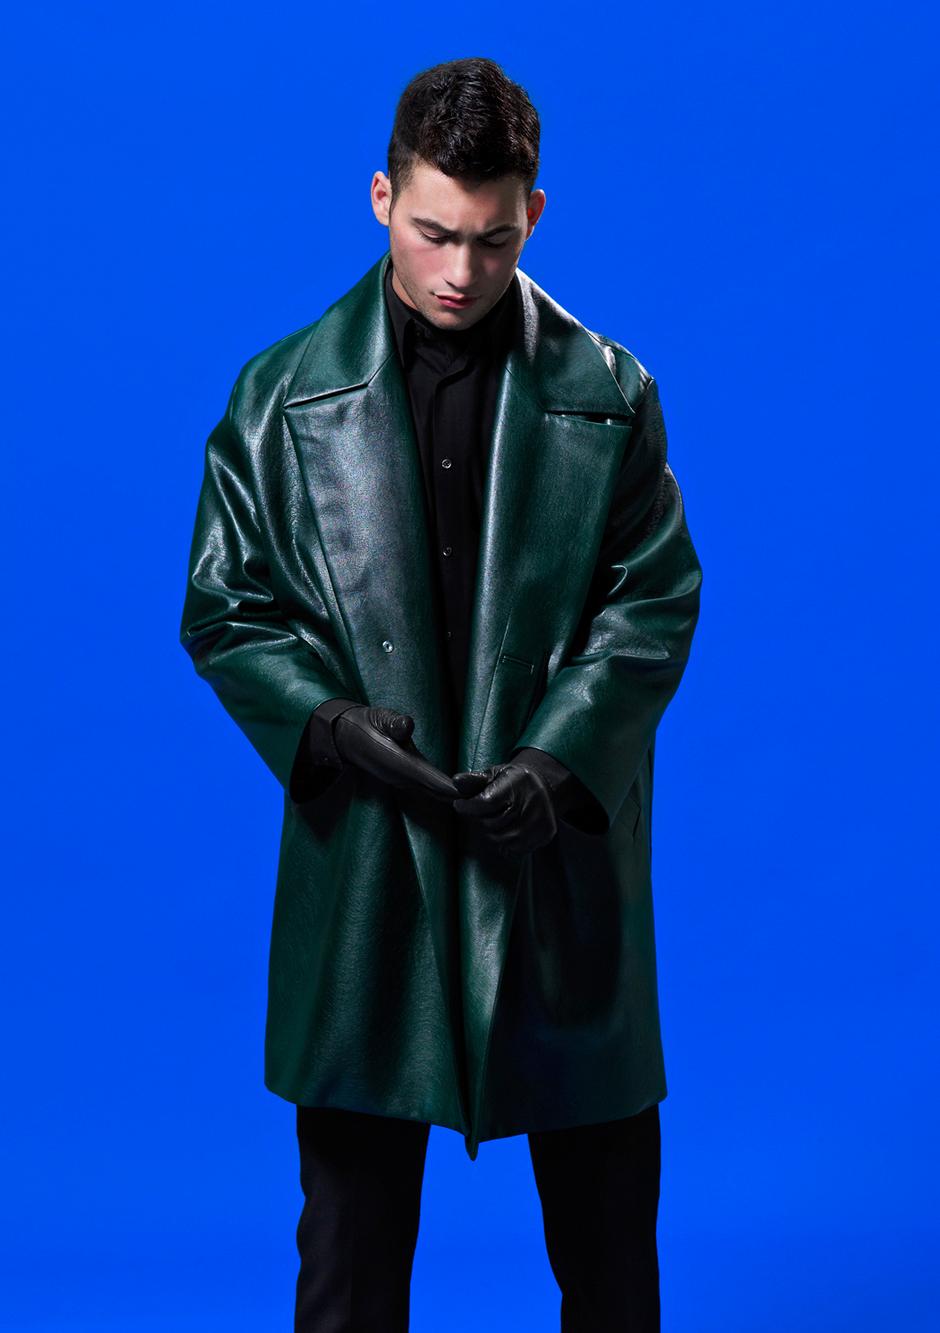 serhat-isik-fashion-mode11_renk